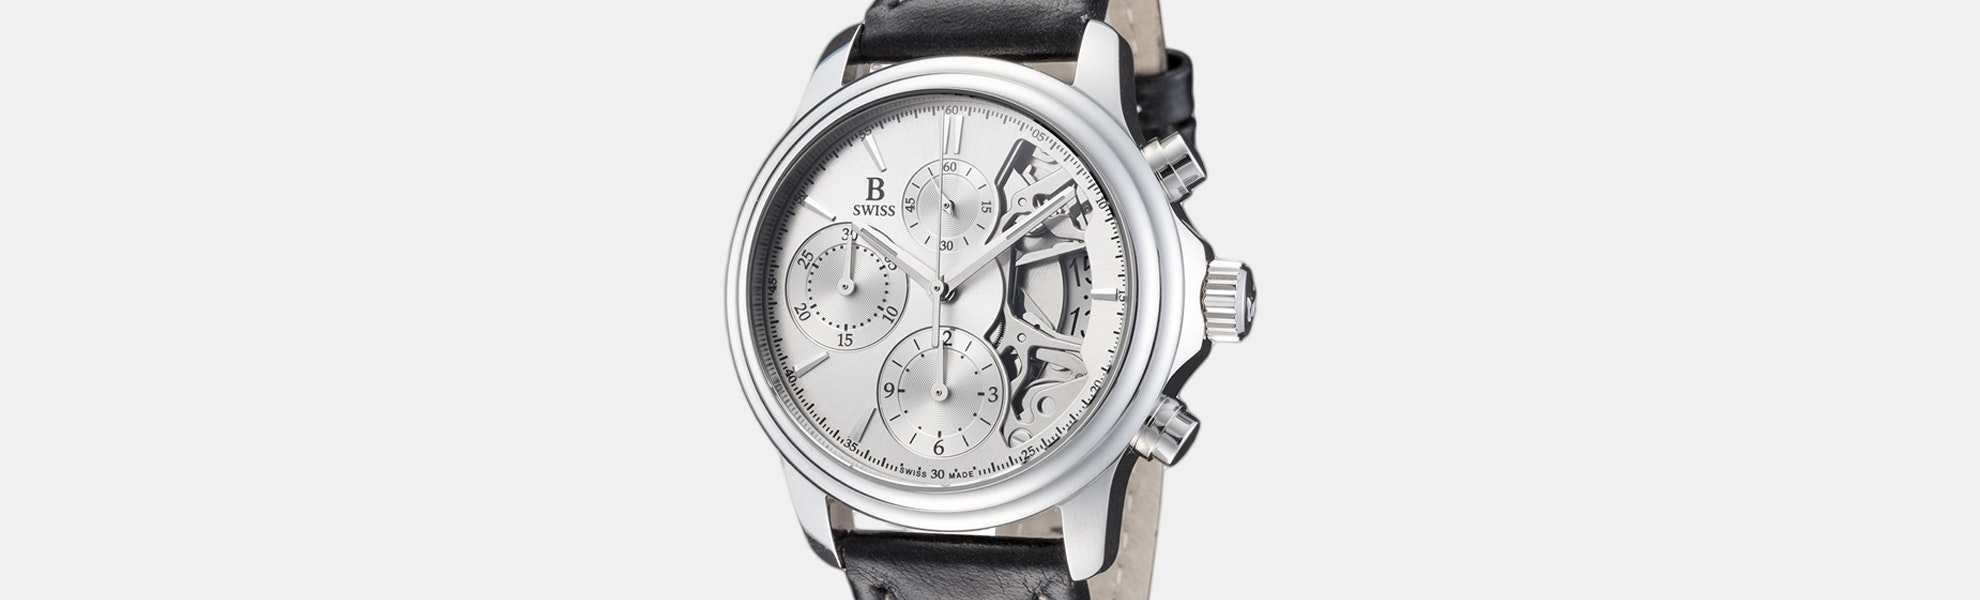 B Swiss by Bucherer Prestige Chrono Automatic Watch